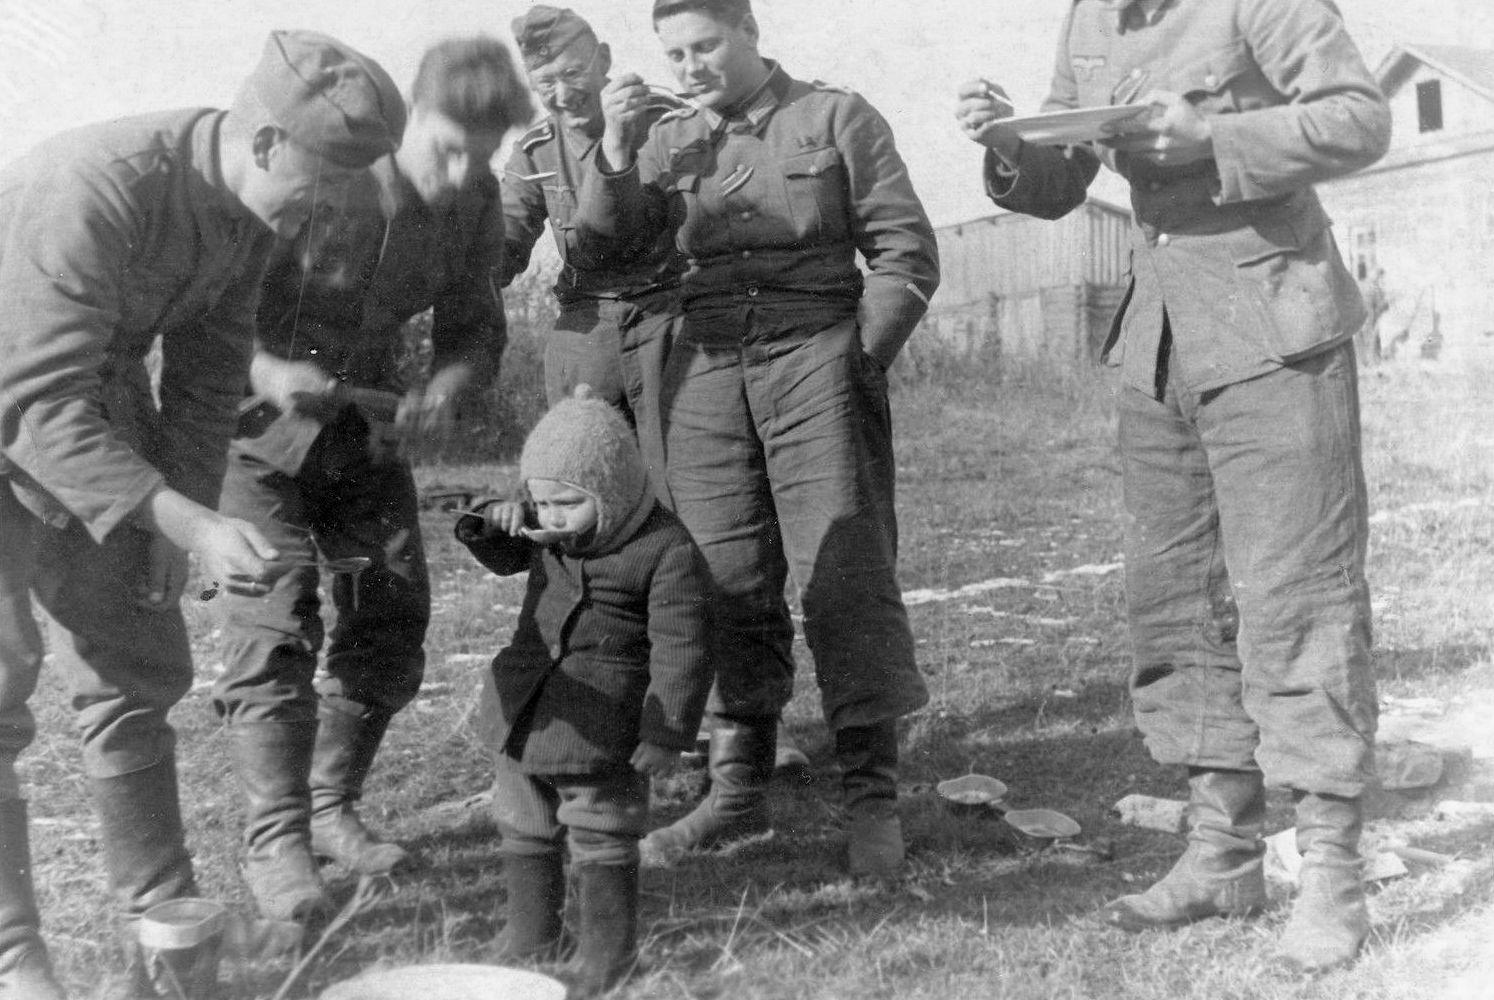 Ребенок в окружении немецких солдат.